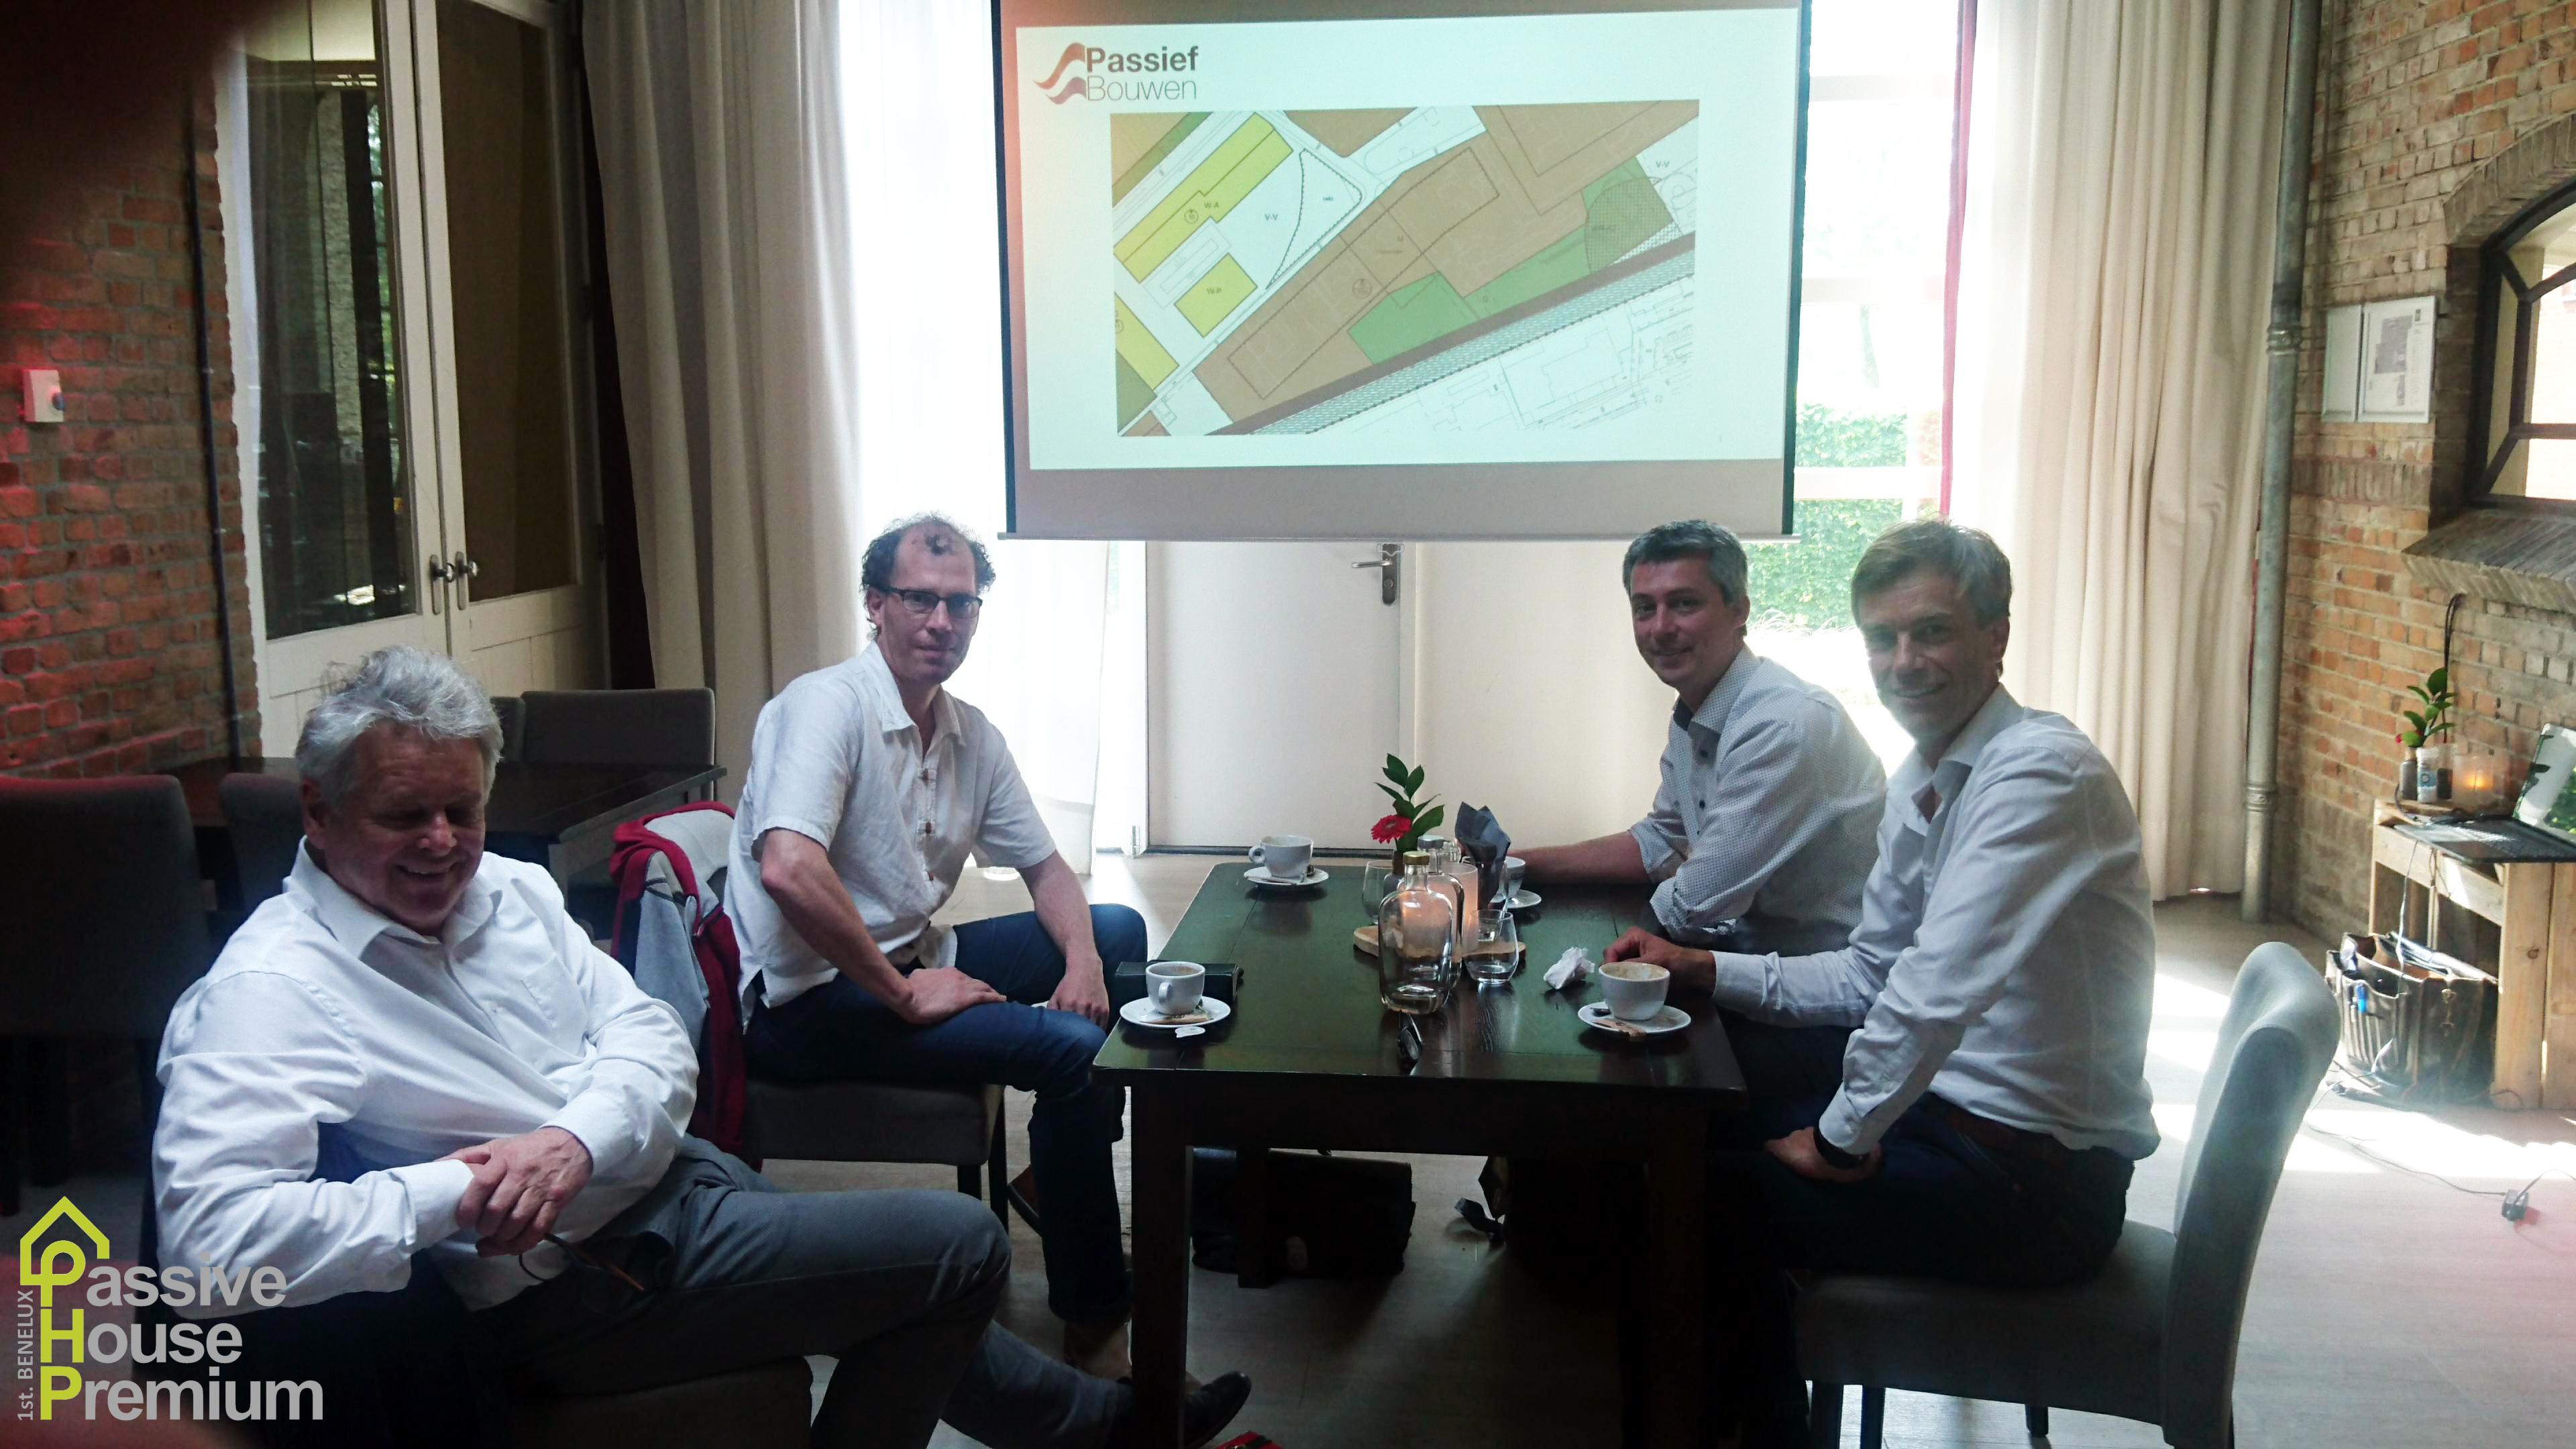 Joint effort voor Passiefhuis Premium in Etten-Leur